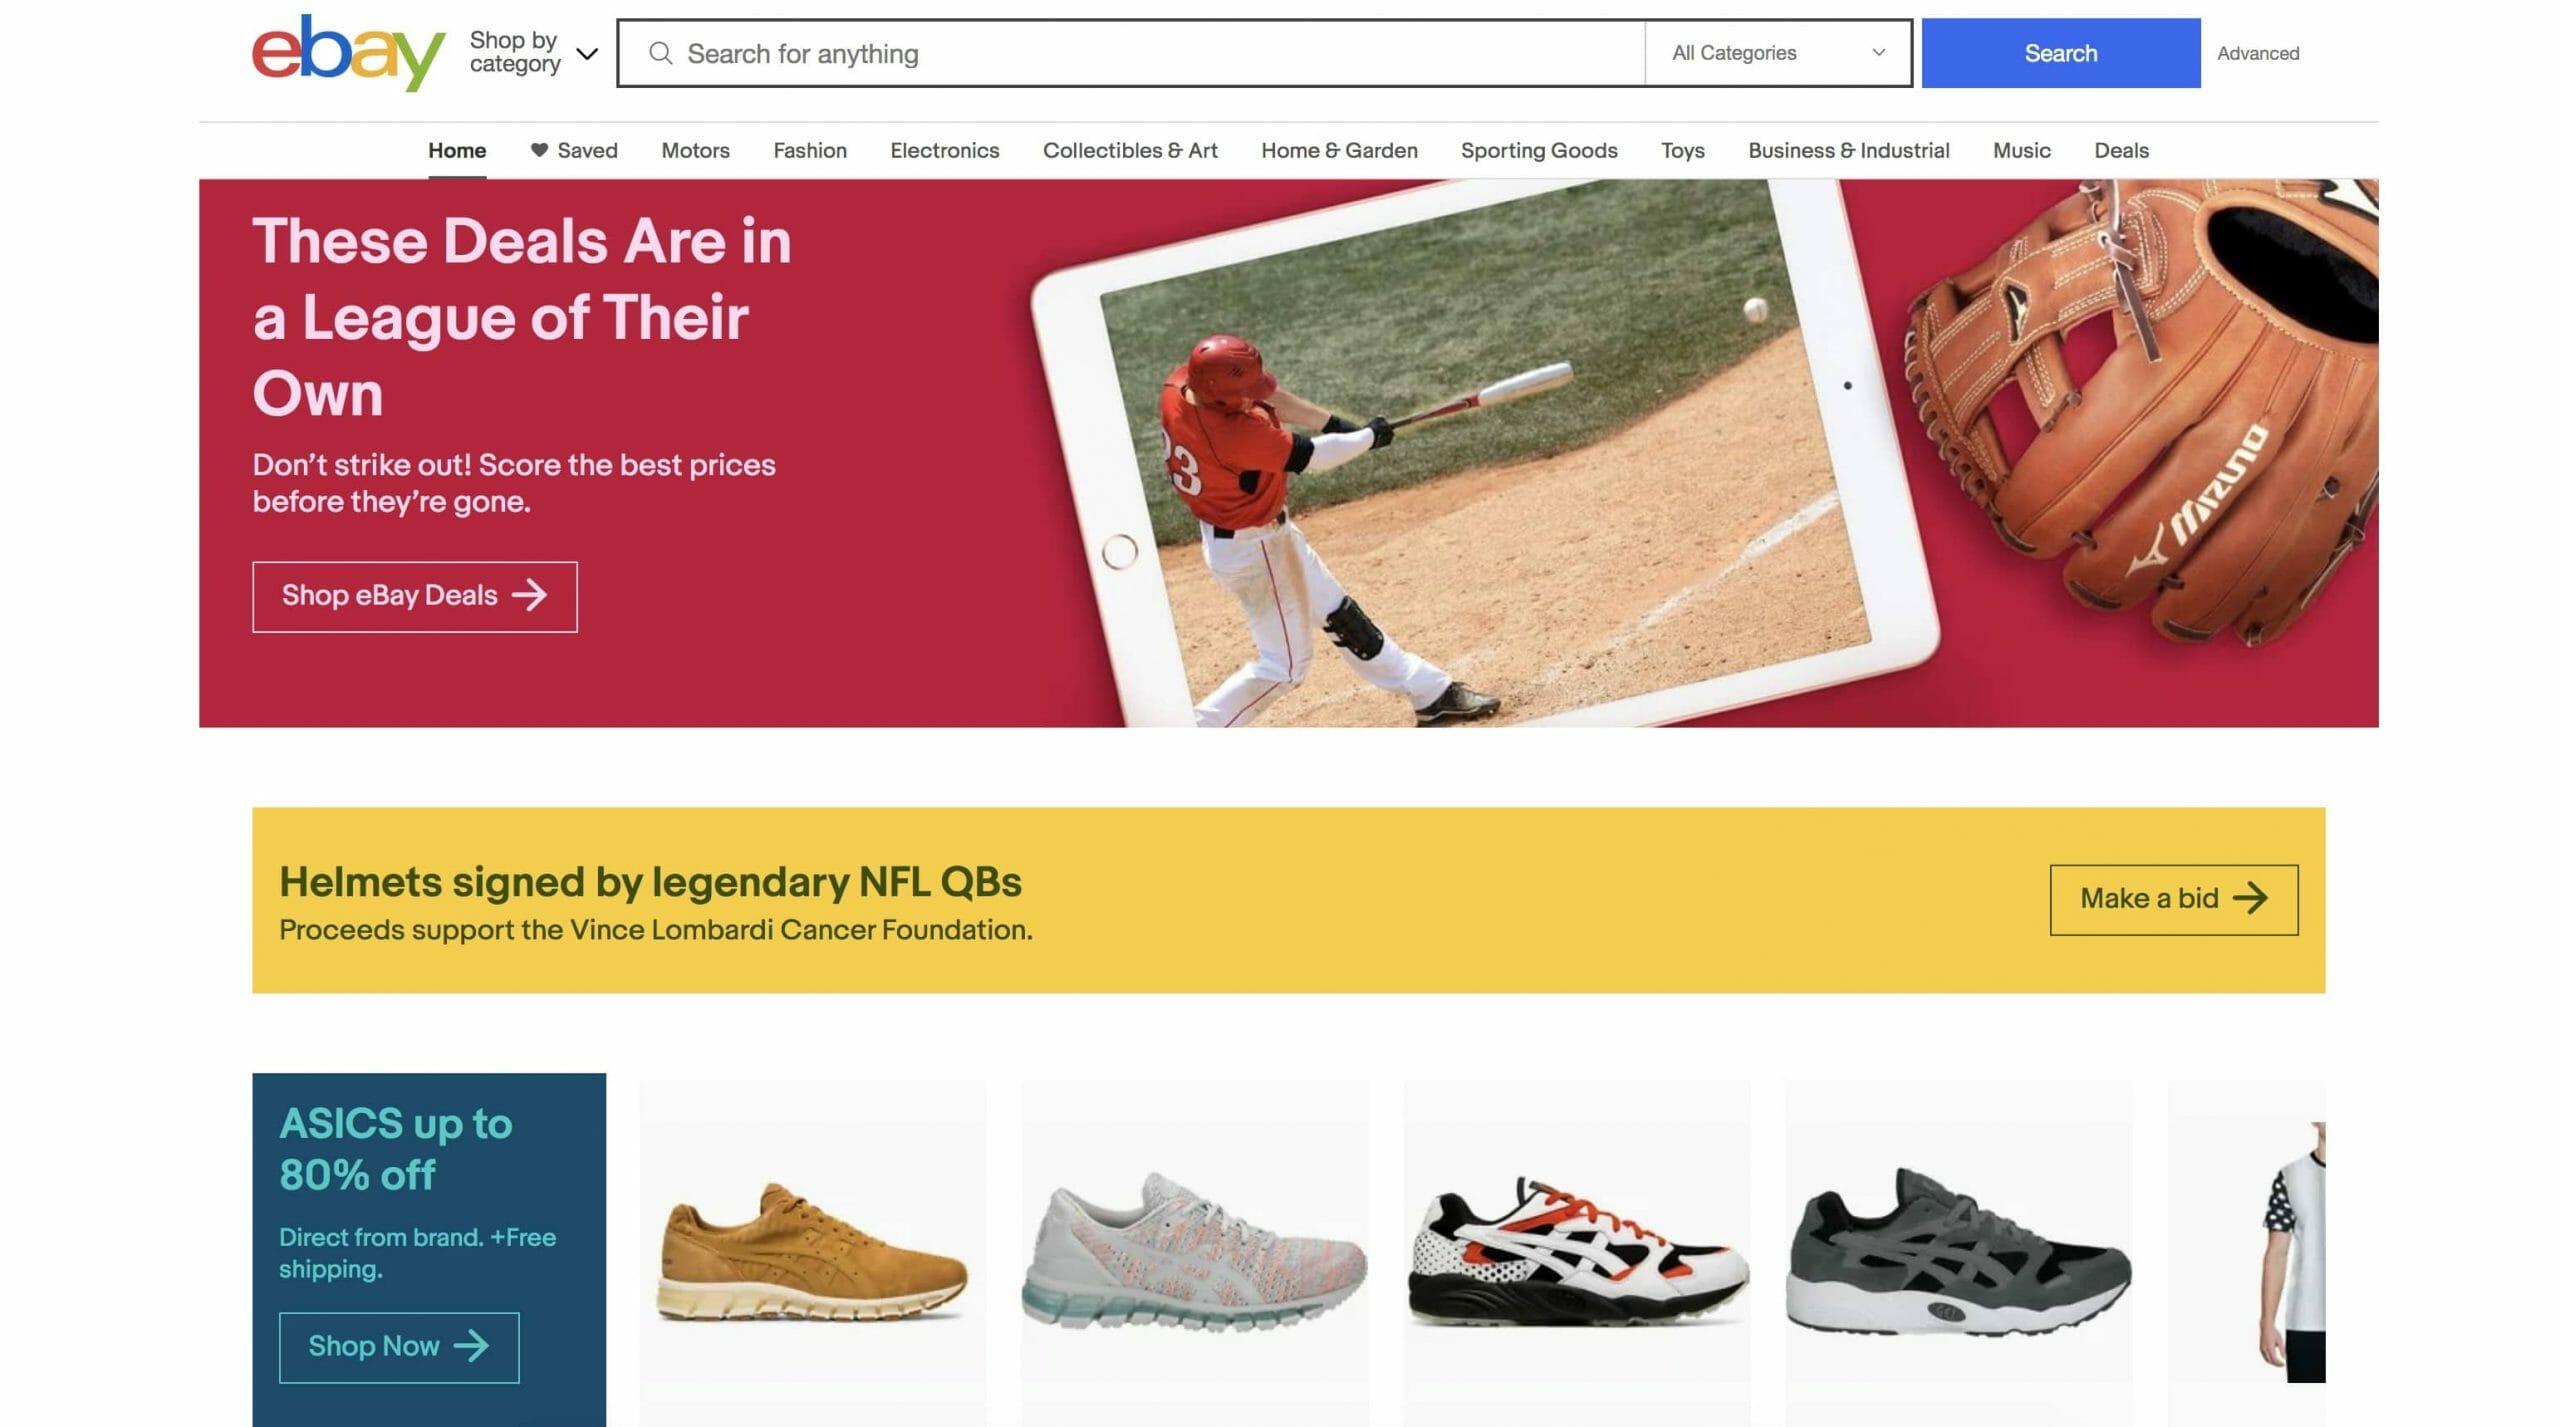 ebay Homepage Snapshot